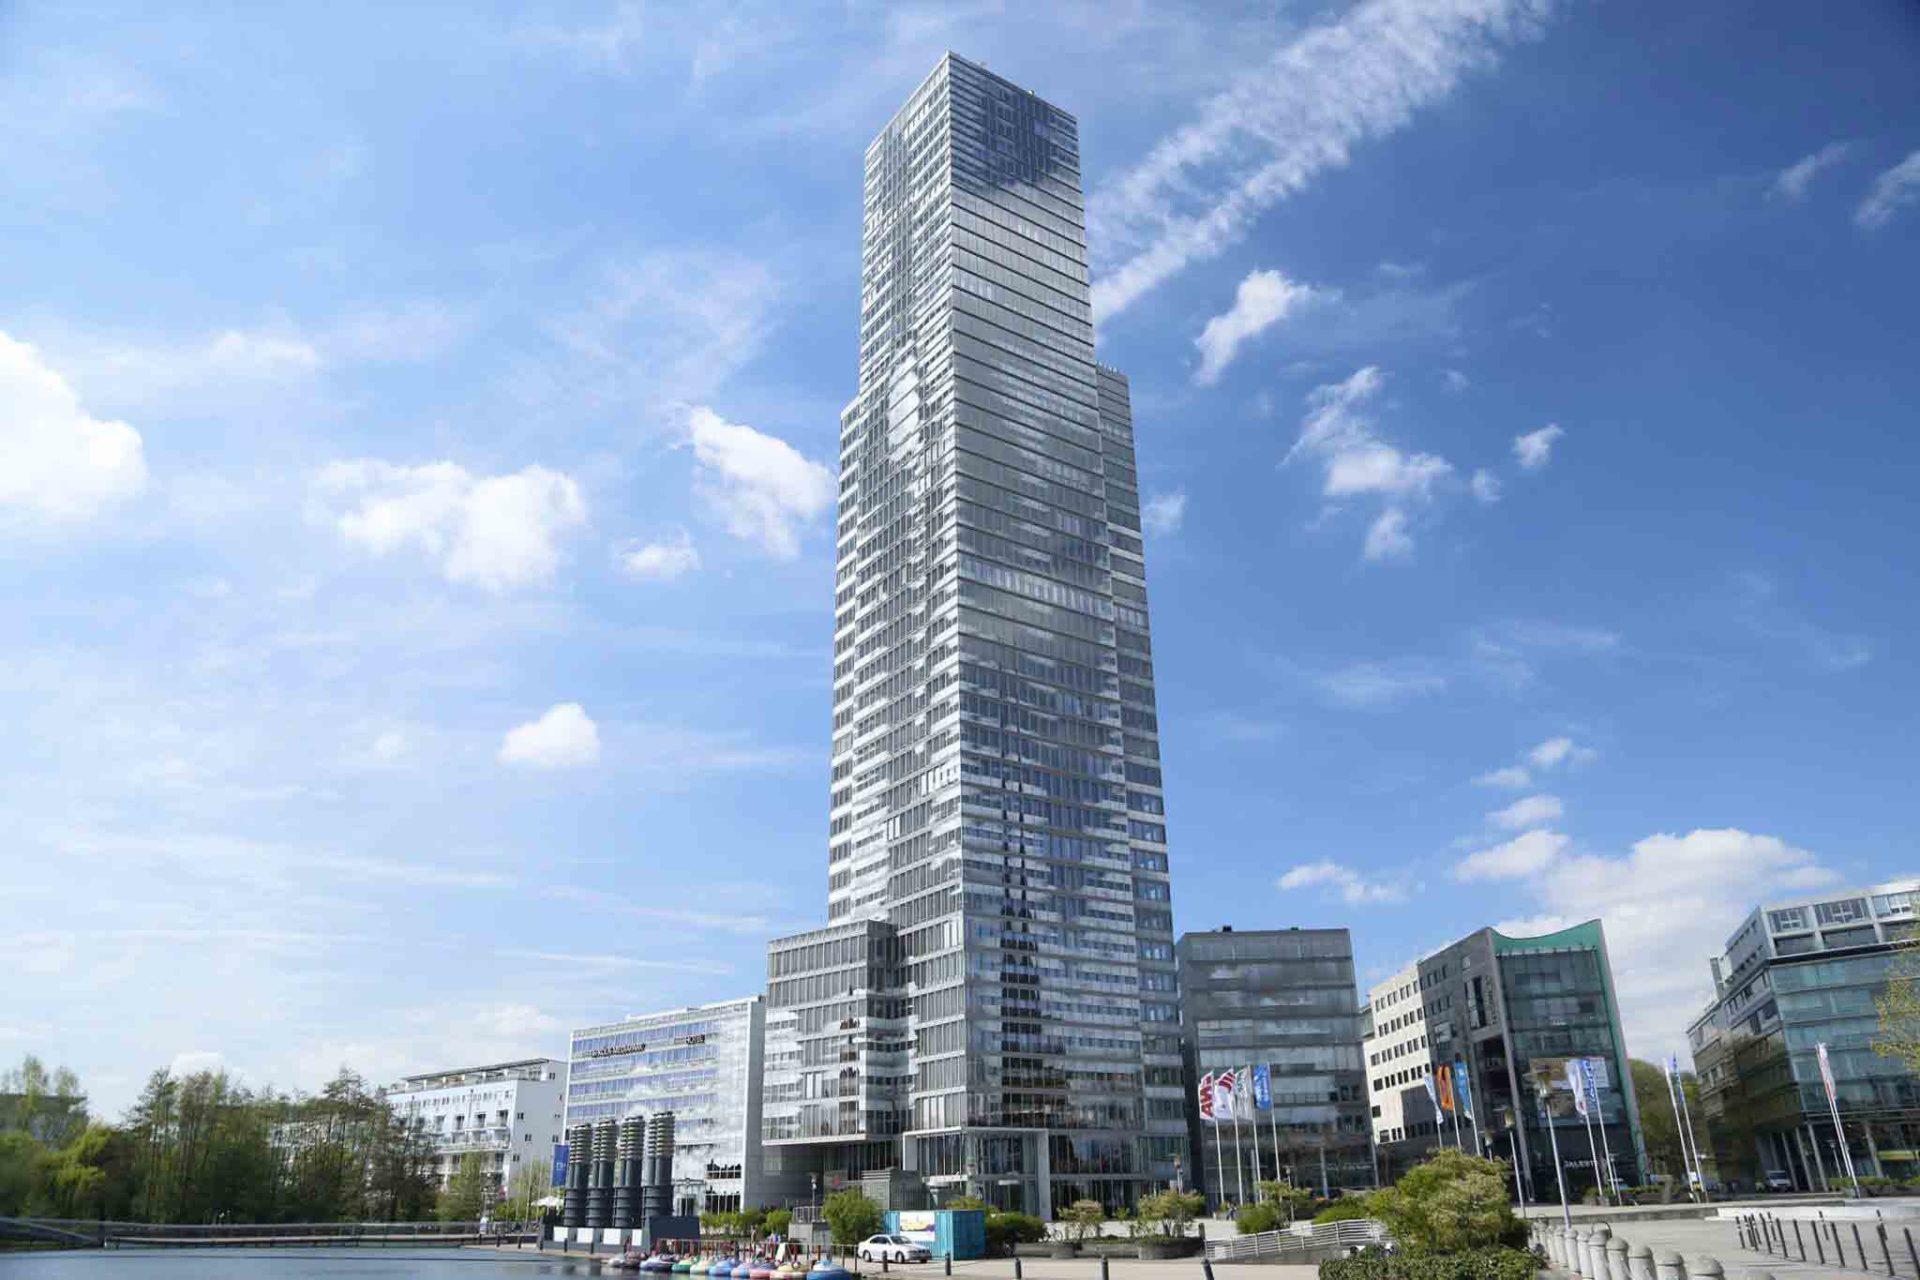 Die Kölner Architektur im Herbst copyright: CityNEWS / Alex Weis